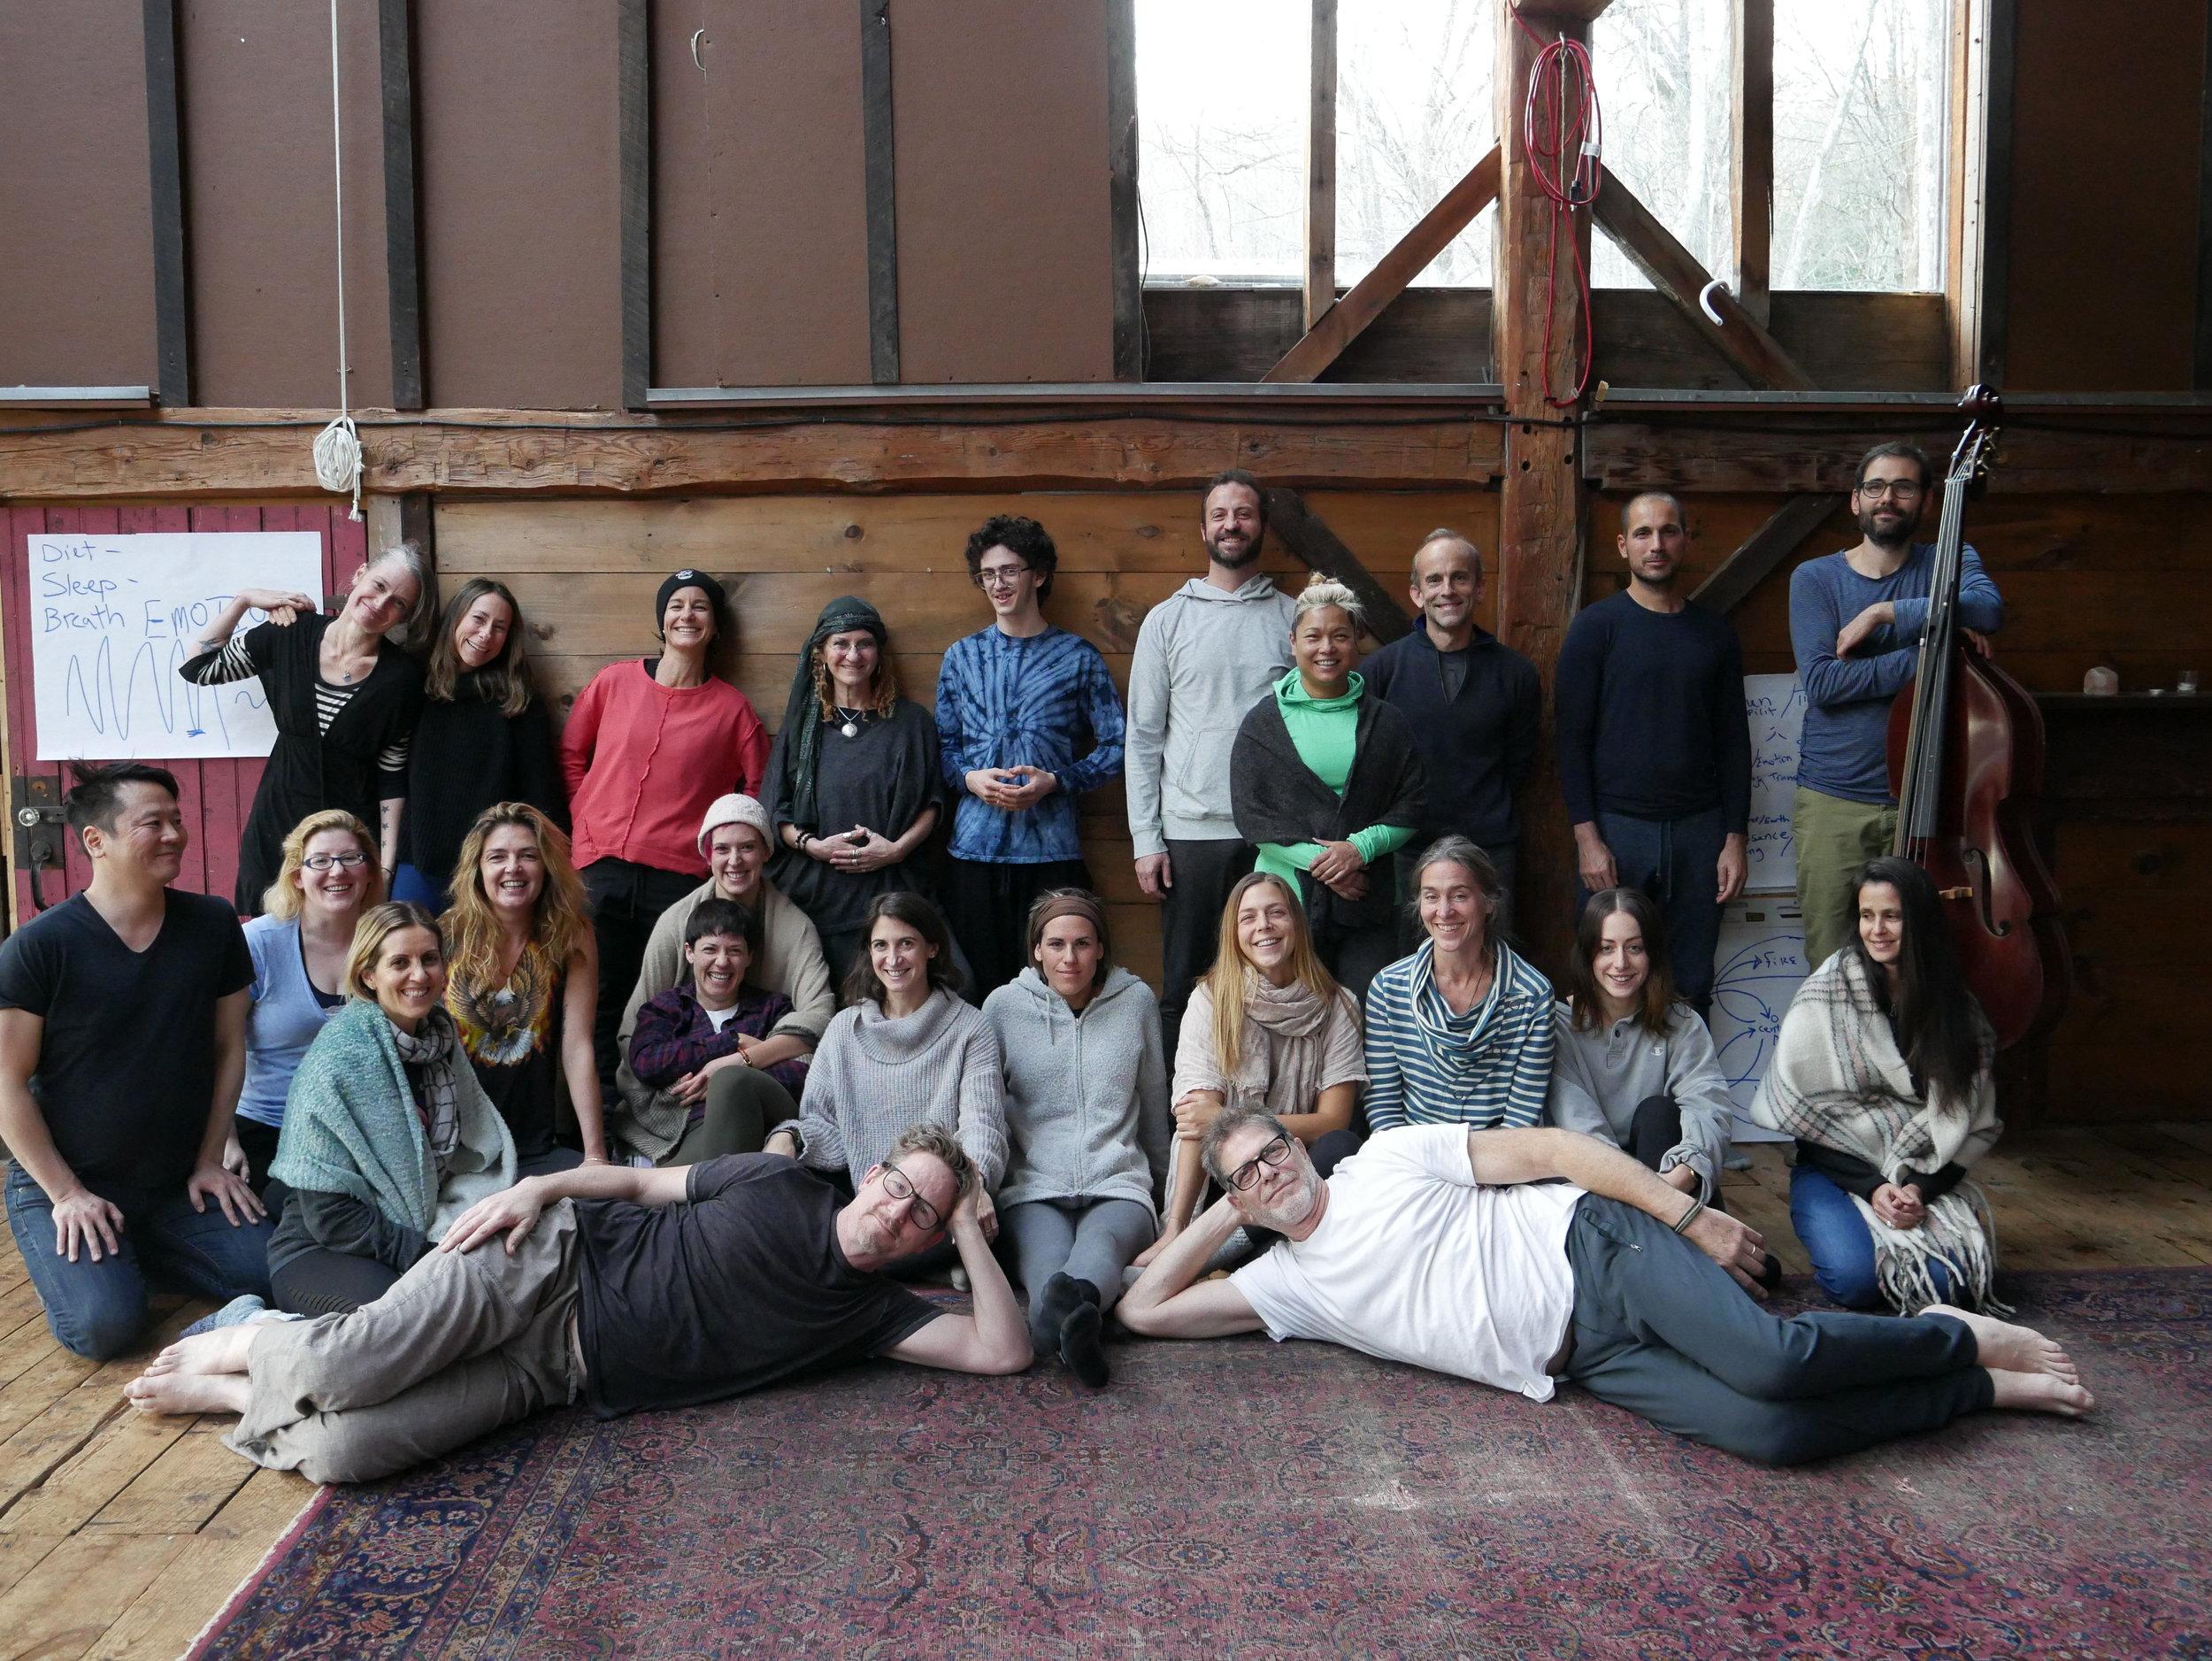 group photo awaken.jpeg